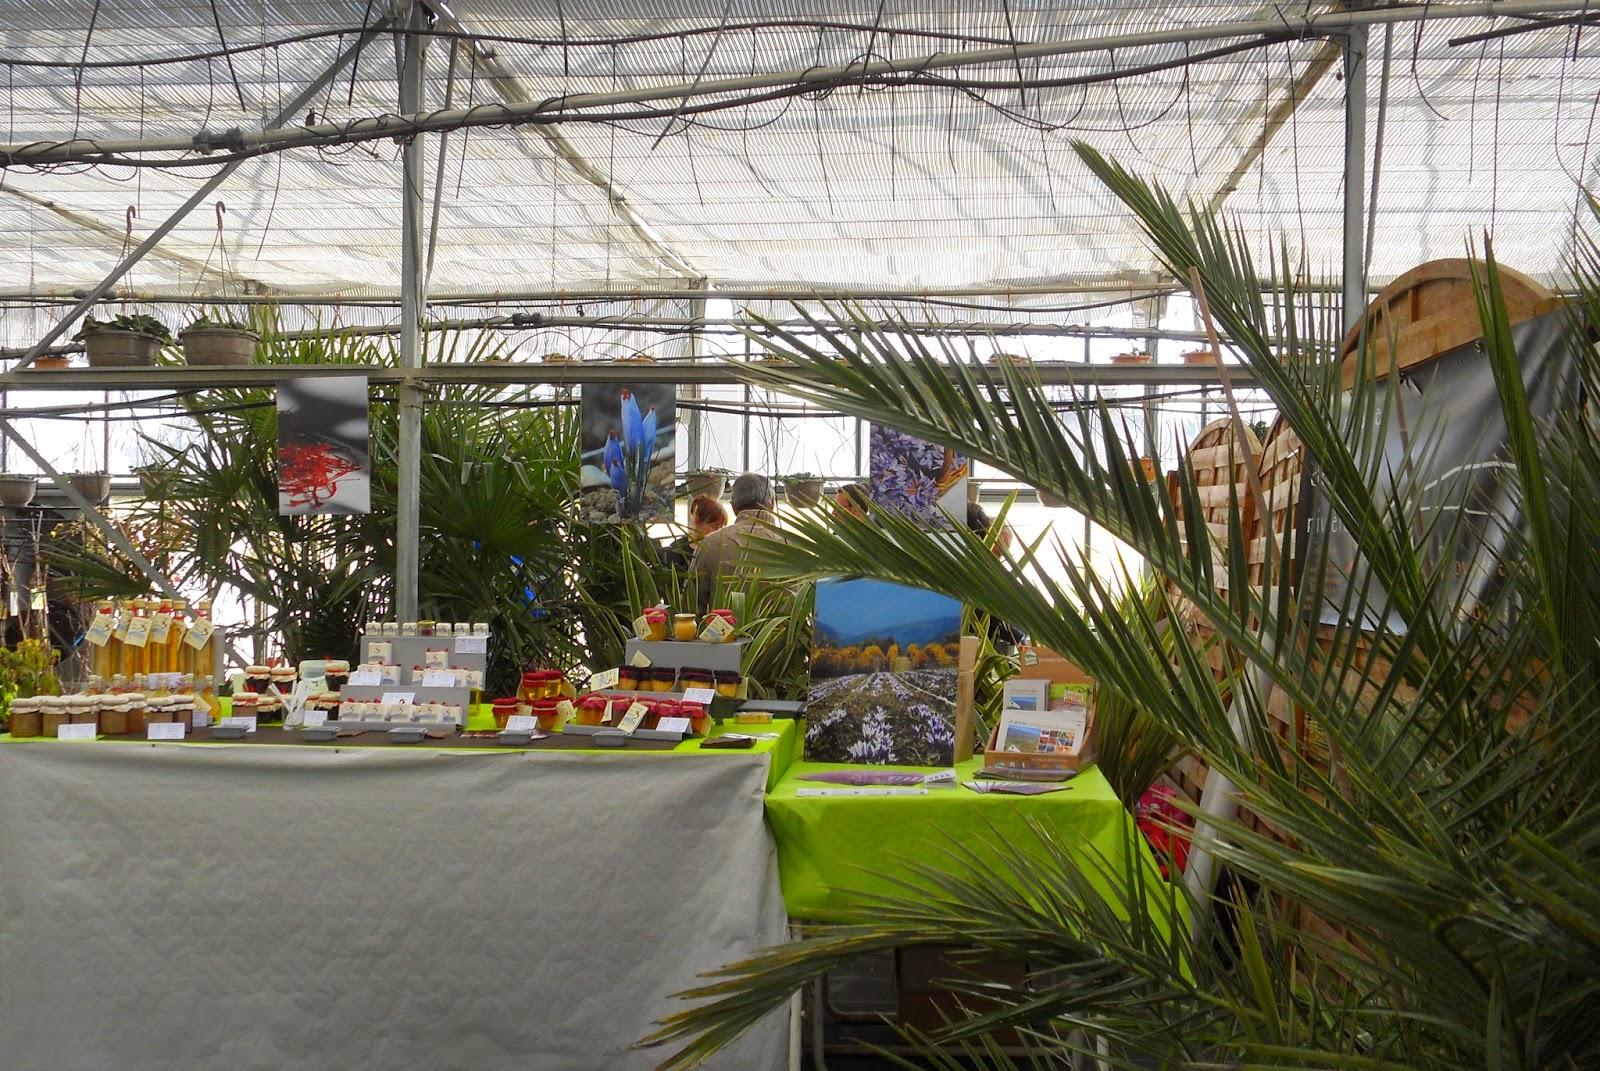 Anne moreau le jardin de nad ge carpentras ce week end - Jardins ouverts au public ce week end ...